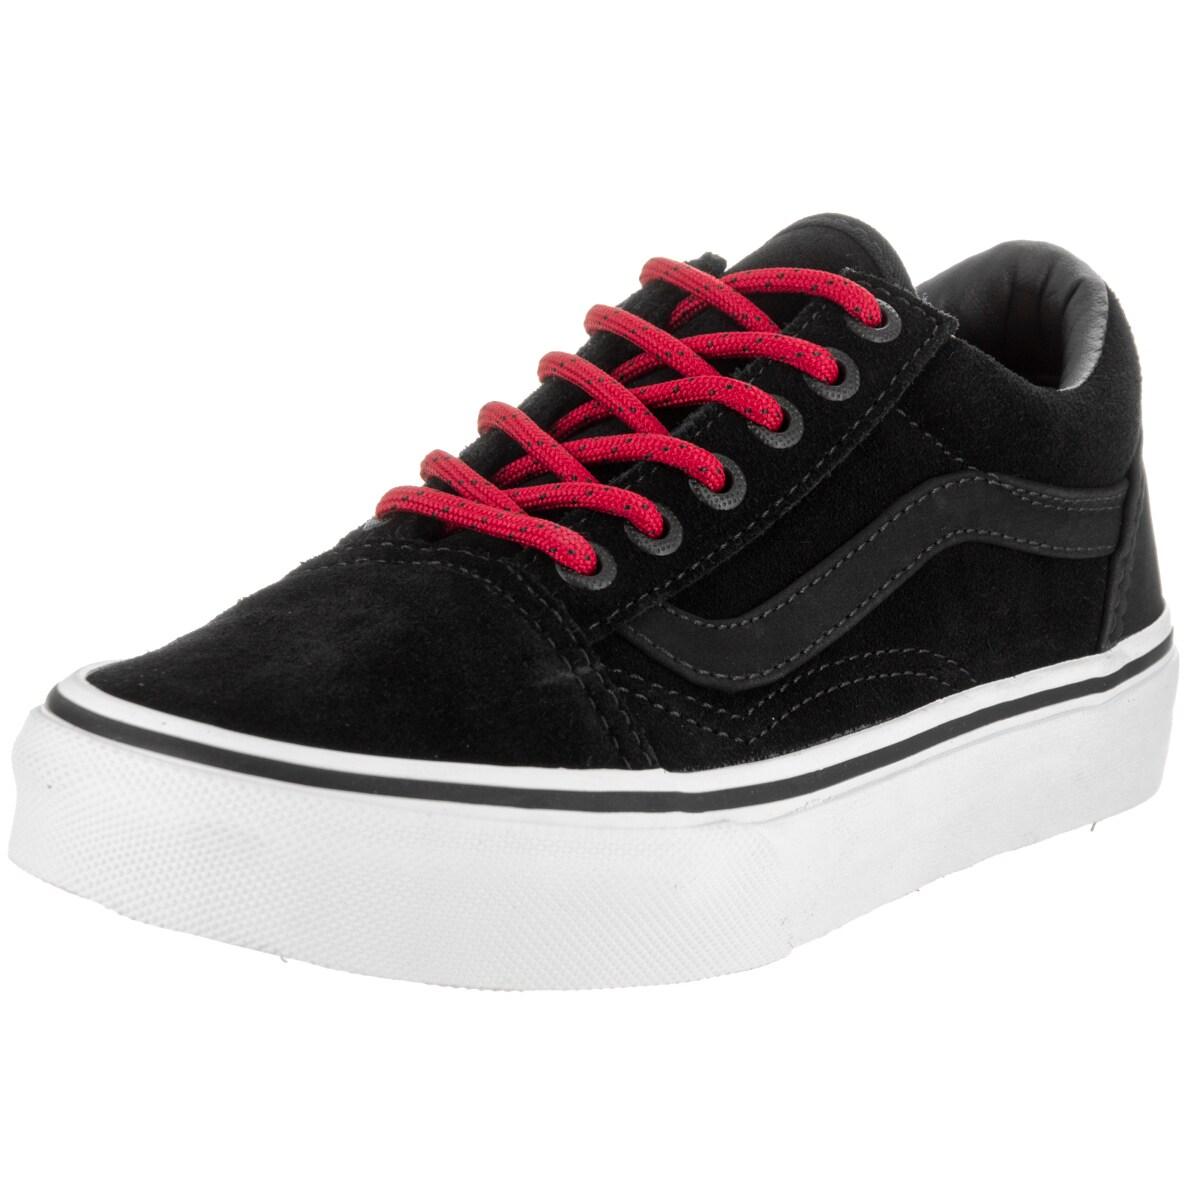 Vans Kid's Old Skool Black Suede Skate Shoes (Black - 12....